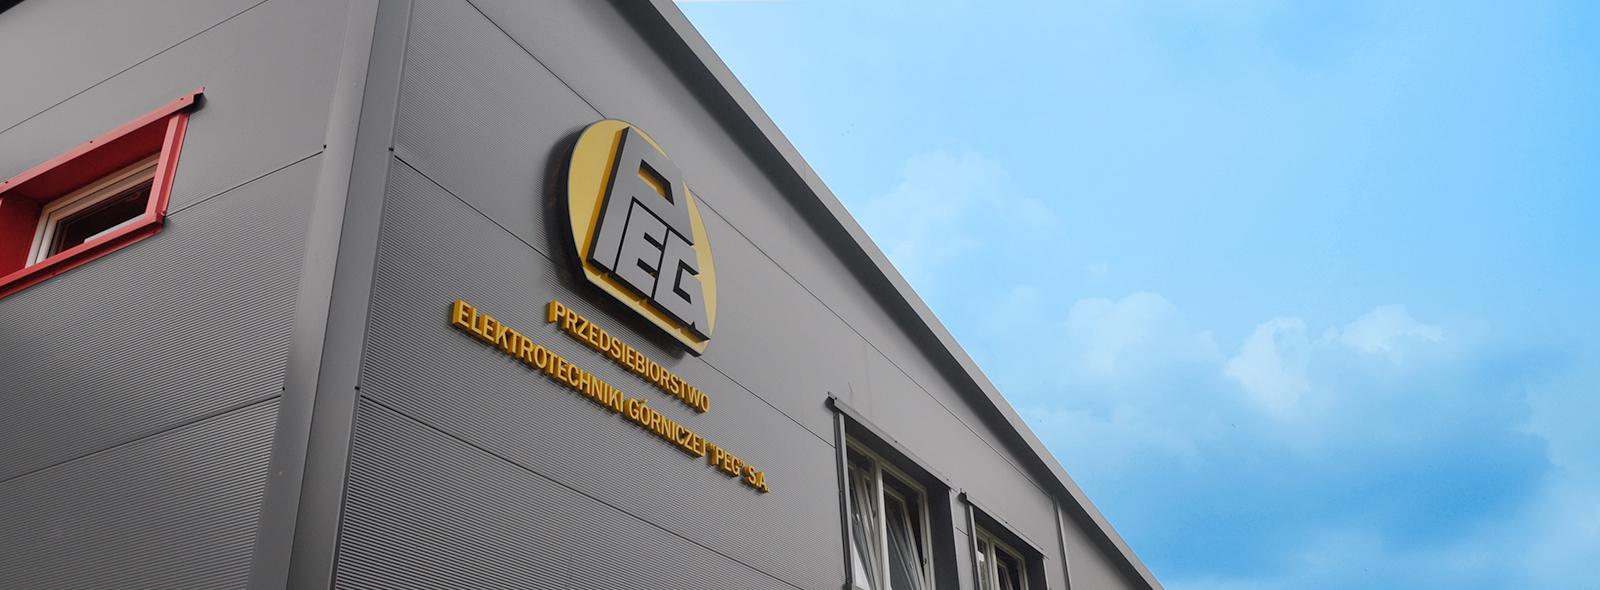 Przedsiębiorstwo Elektrotechniki Górniczej PEG. S.A.